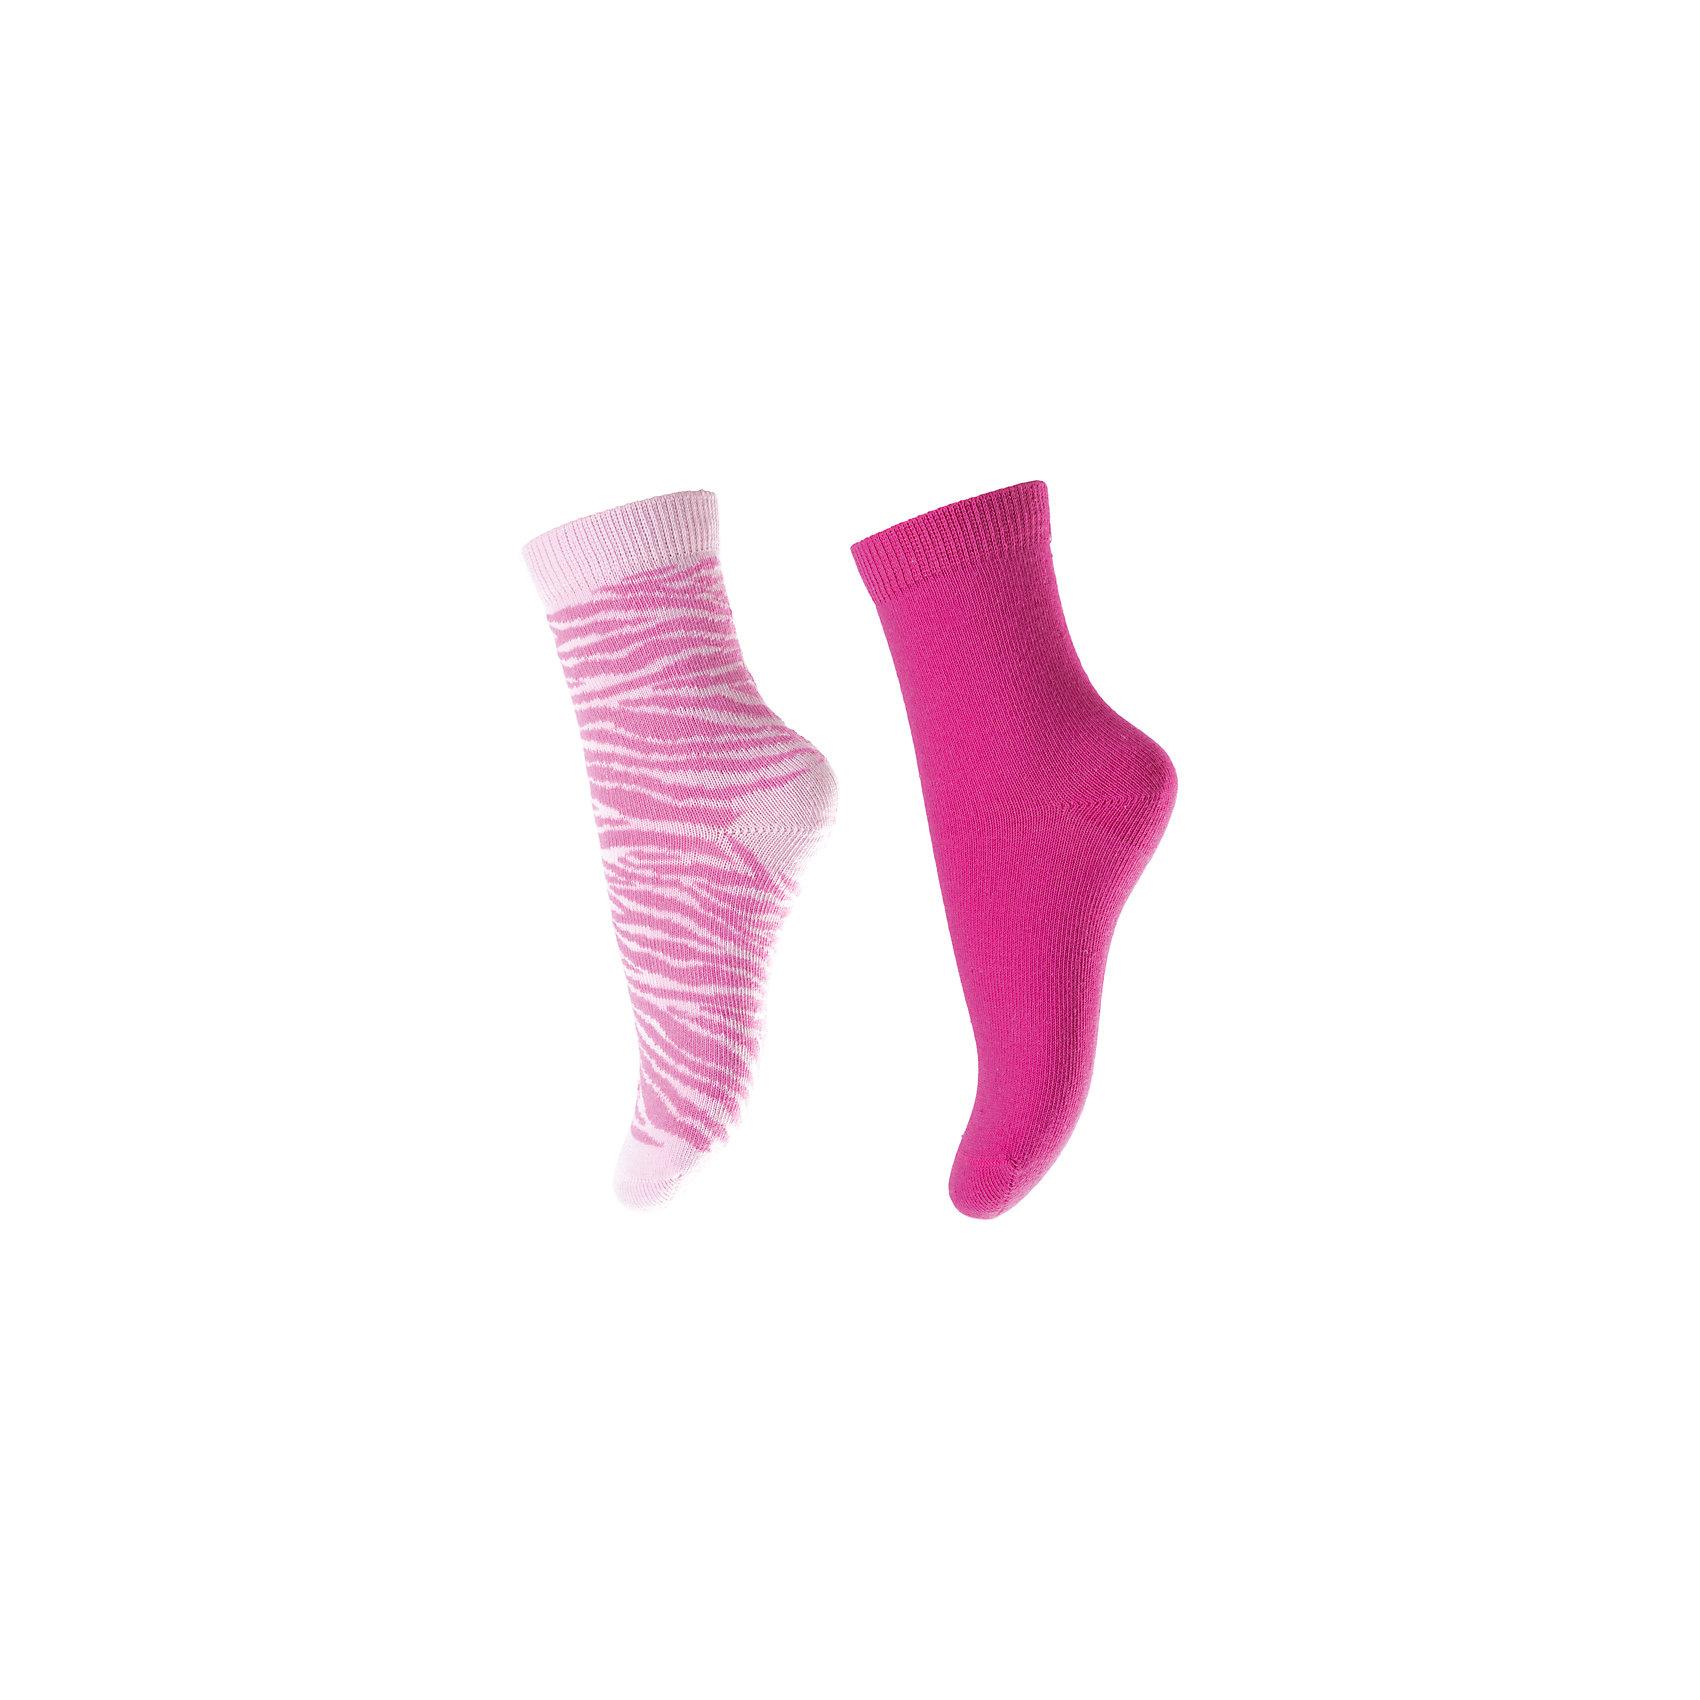 Носки для девочки PlayTodayНоски<br>Носки для девочки PlayToday<br>Носки очень мягкие, из качественных материалов, приятны к телу и не сковывают движений. Хорошо пропускают воздух, тем самым позволяя коже дышать.  Даже частые стирки, при условии соблюдений рекомендаций по уходу, не изменят ни форму, ни цвет изделий. <br><br>Преимущества: <br><br>Мягкие, выполненные из натуральных материалов, приятны к телу, не сковывают движений<br>Хорошо пропускают воздух, позволяя тем самым коже дышать<br>Даже частые стирки, при условии соблюдений рекомендаций по уходу, не изменят ни форму, ни цвет изделия<br><br>Состав:<br>75% хлопок, 22% нейлон, 3% эластан<br><br>Ширина мм: 87<br>Глубина мм: 10<br>Высота мм: 105<br>Вес г: 115<br>Цвет: розовый<br>Возраст от месяцев: 84<br>Возраст до месяцев: 96<br>Пол: Женский<br>Возраст: Детский<br>Размер: 18,14,16<br>SKU: 5404226